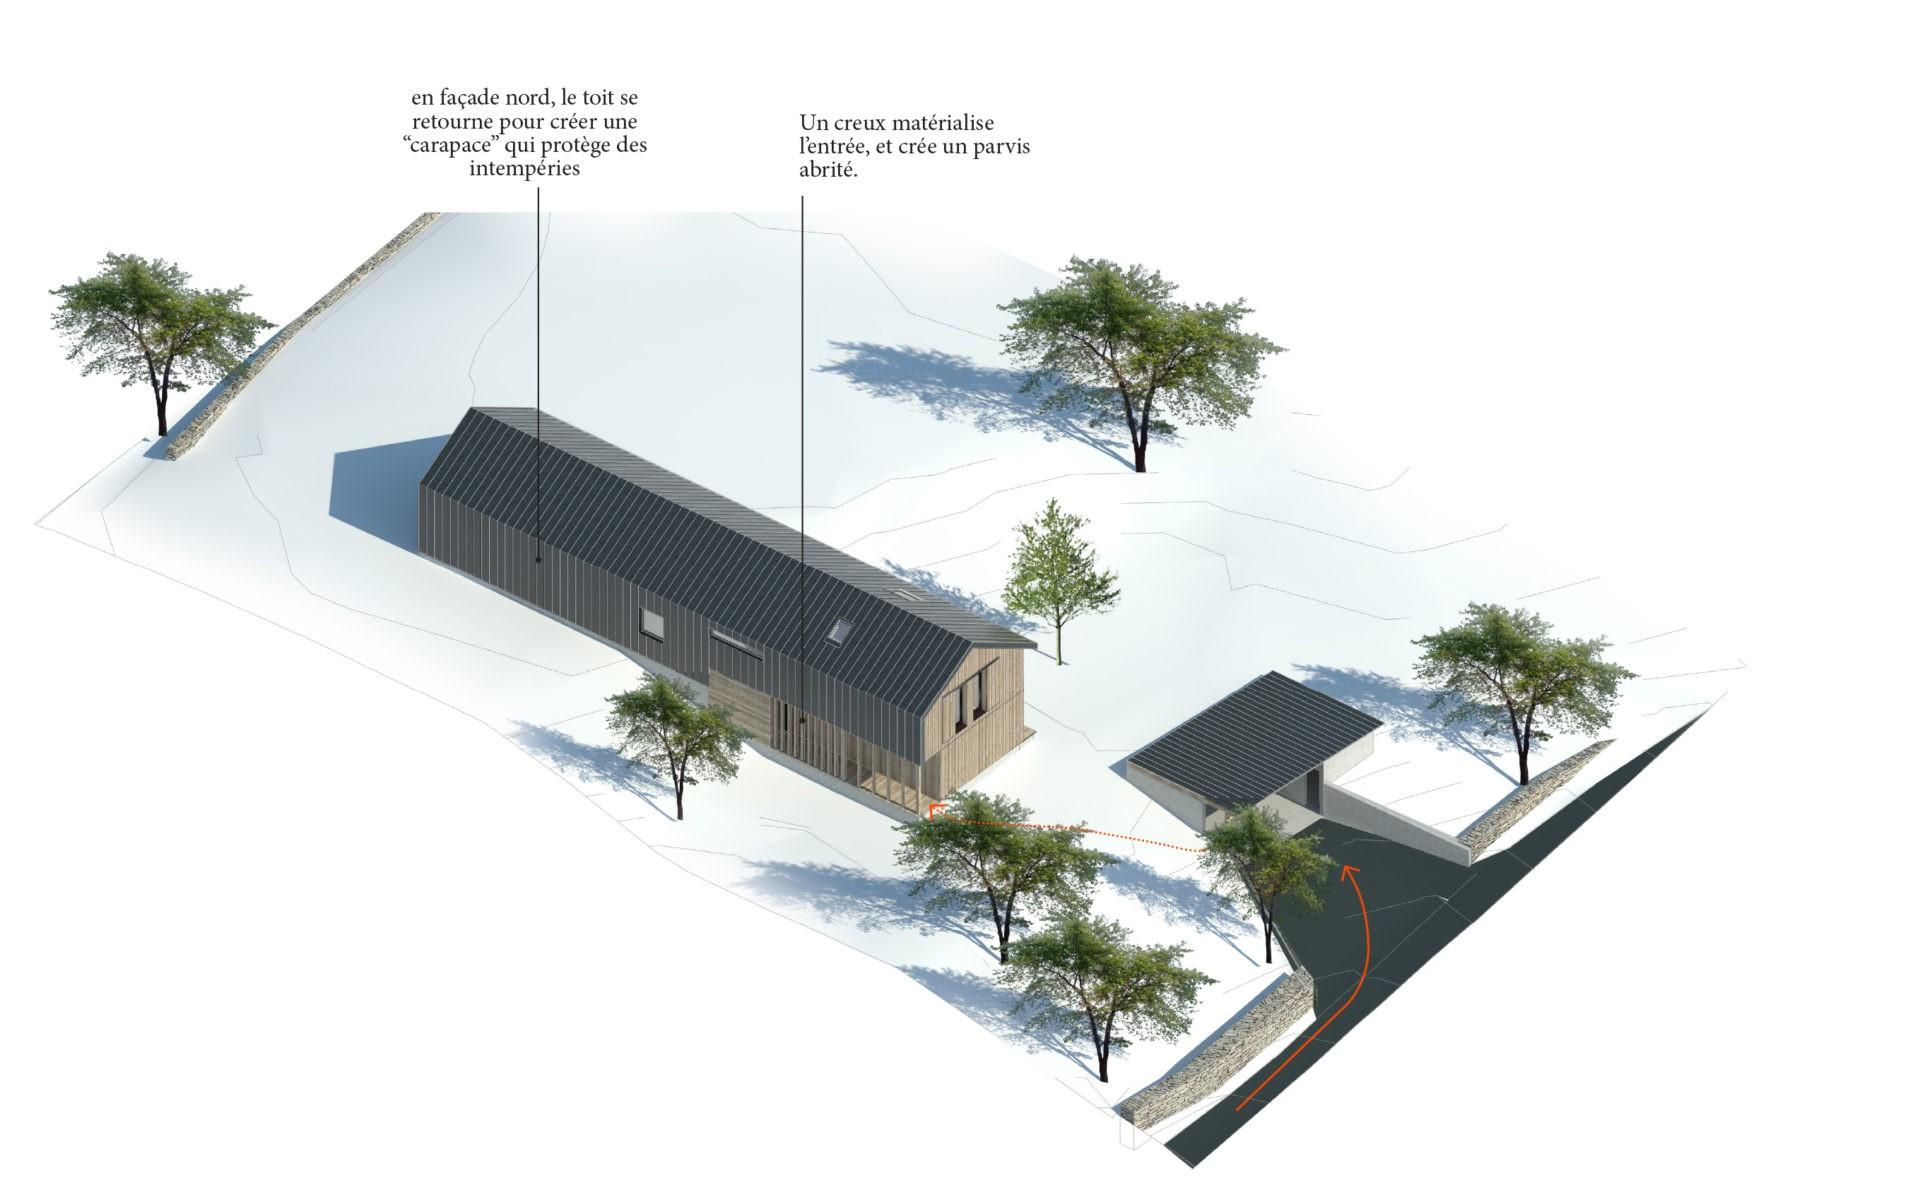 ASB-architecture-architecte-savoie-maison-contemporaine-bois 6